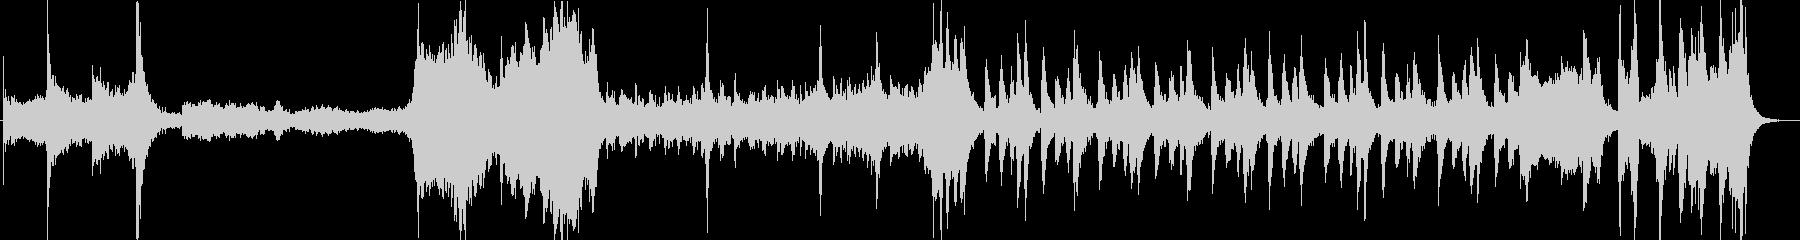 サスペンス的なオーケストラ曲の未再生の波形